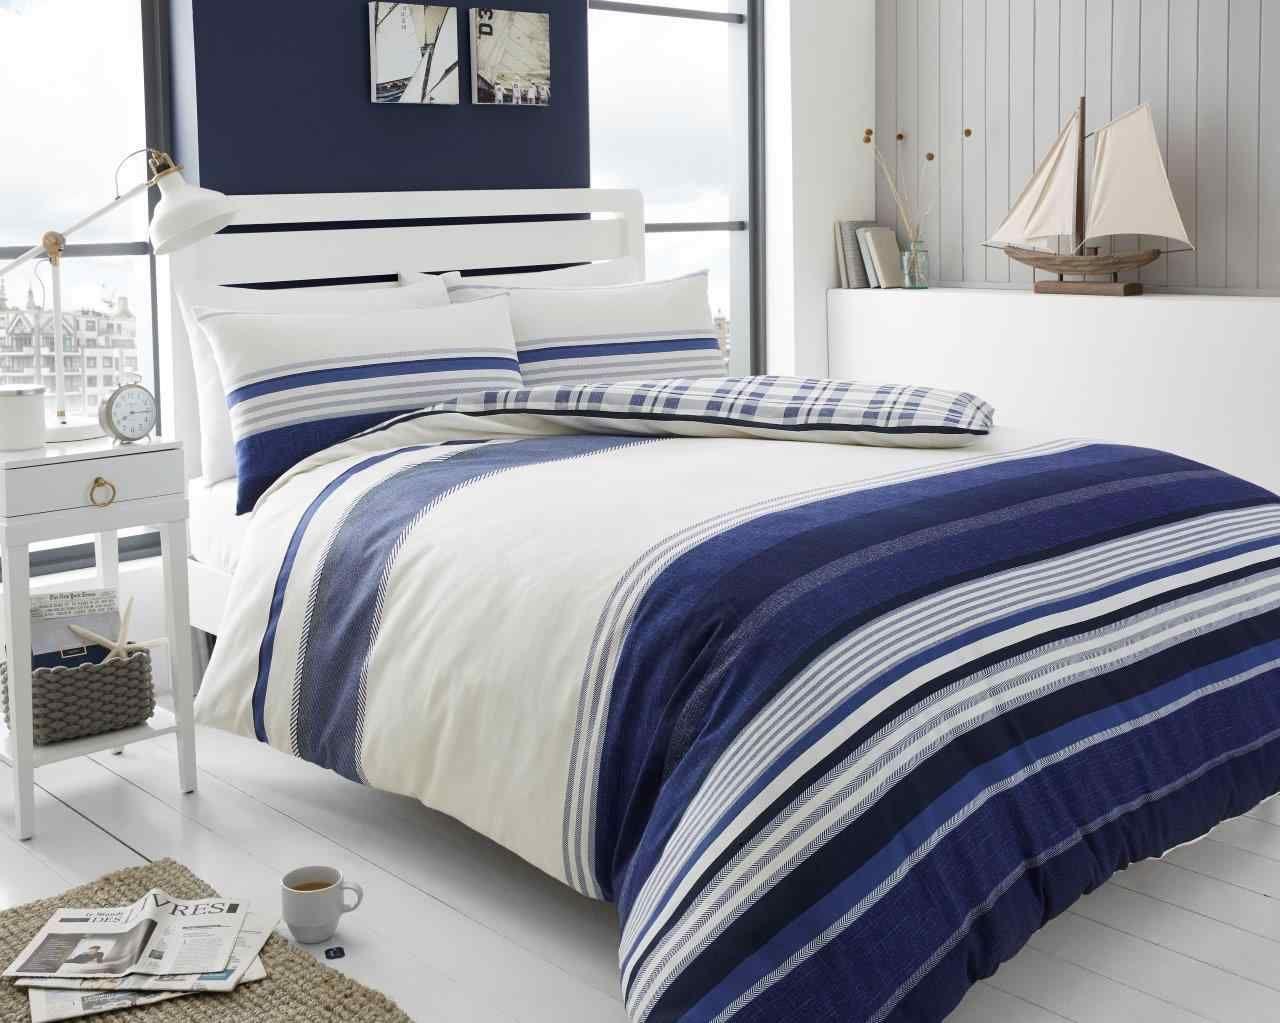 Herringbone stripe duvet quilt cover bedding set navy u linens